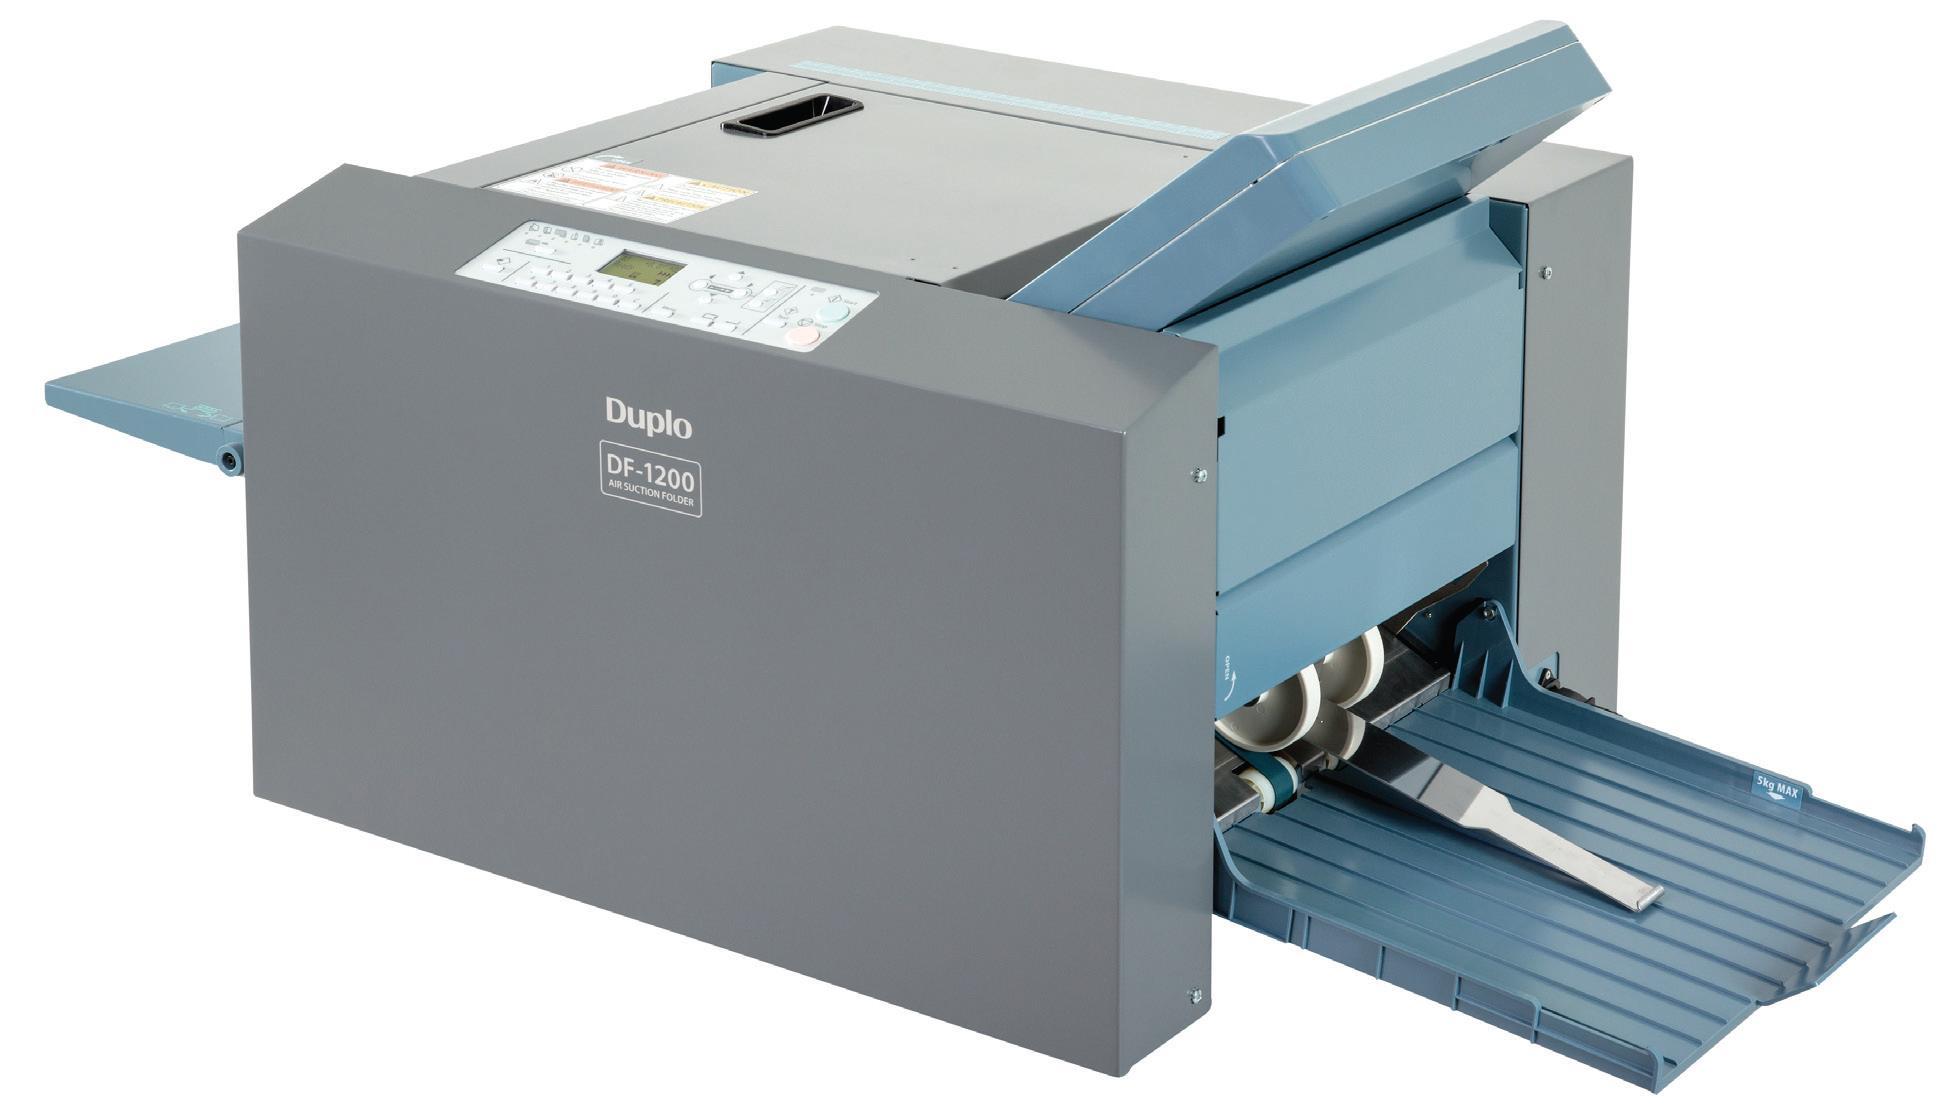 Duplo DF-1200 falsemaskin